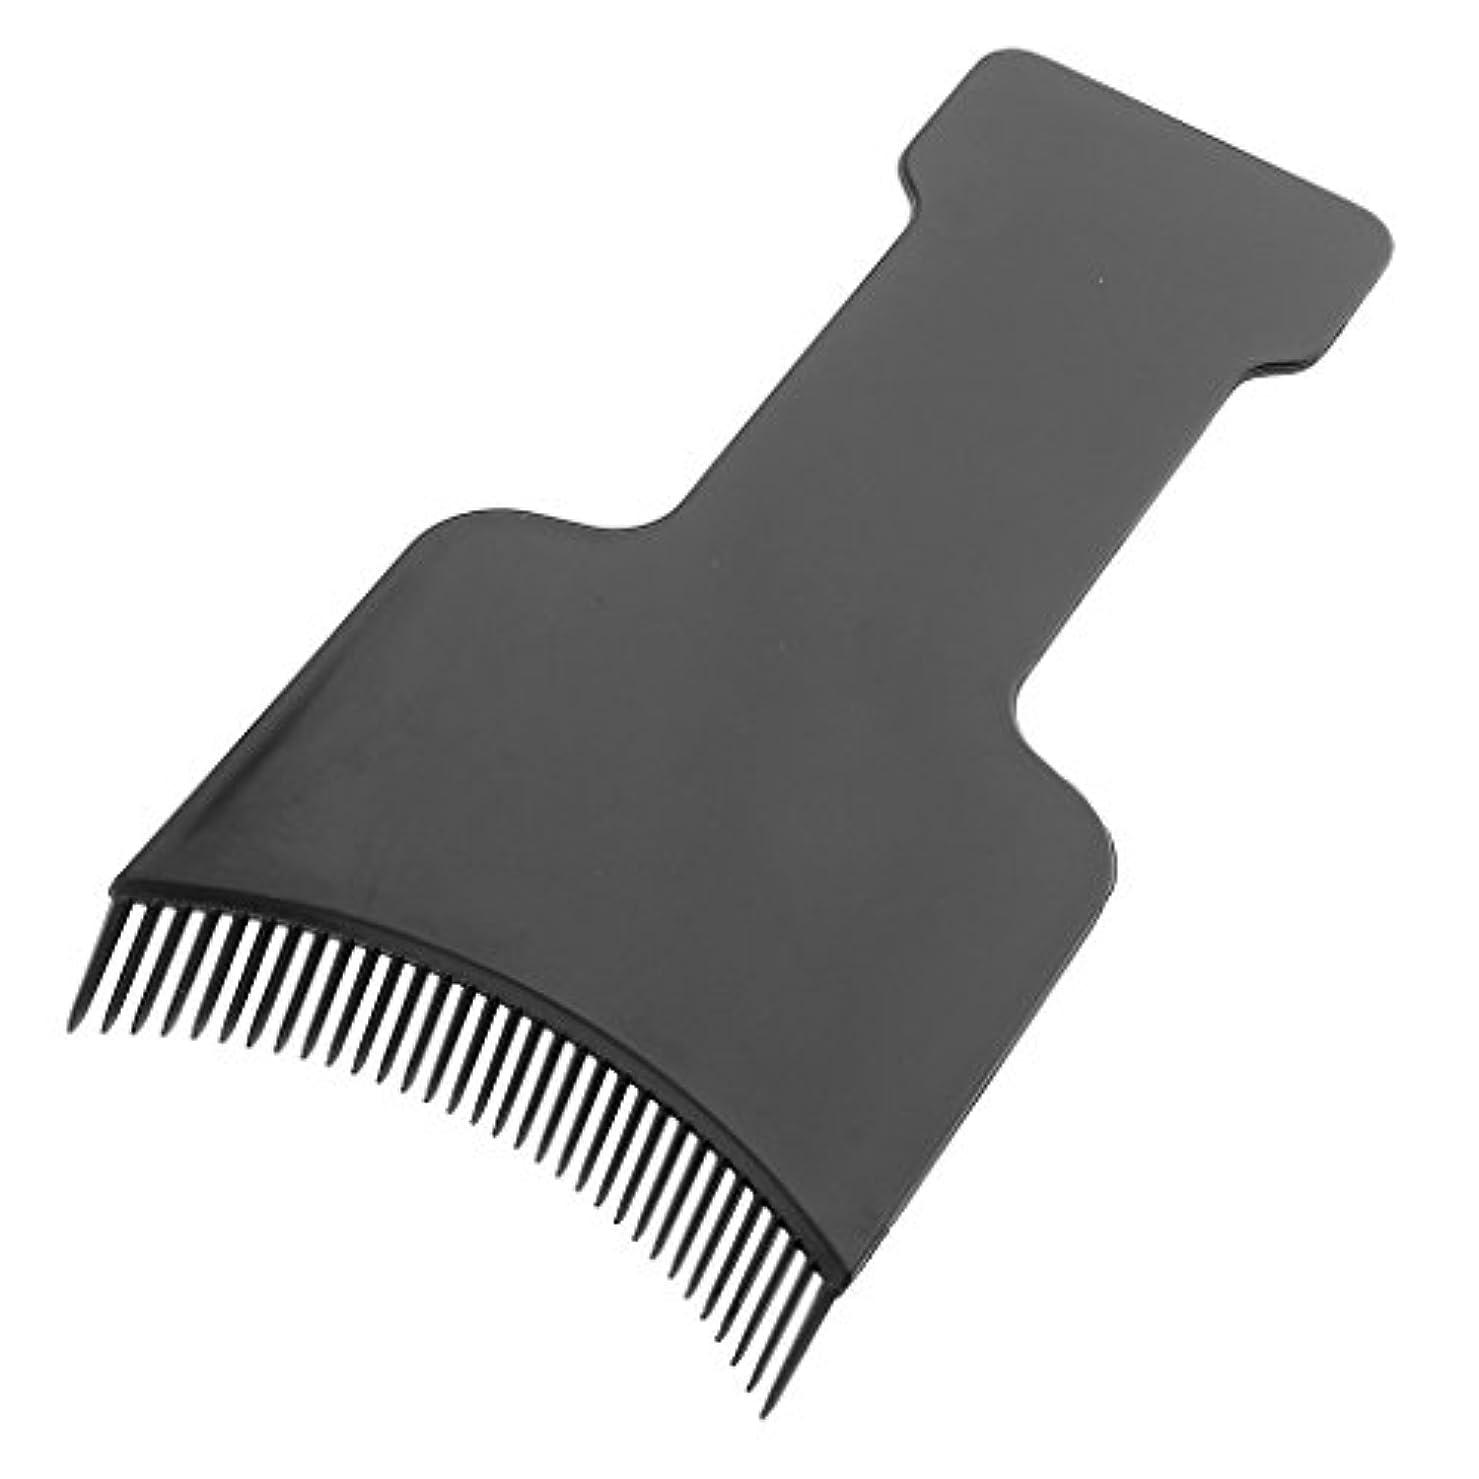 お母さん文字ハッチ染色ティントプレート ヘアカラー ボード 美容 ヘア ツール 髪 保護 ブラック 実用 便利 全4サイズ - S